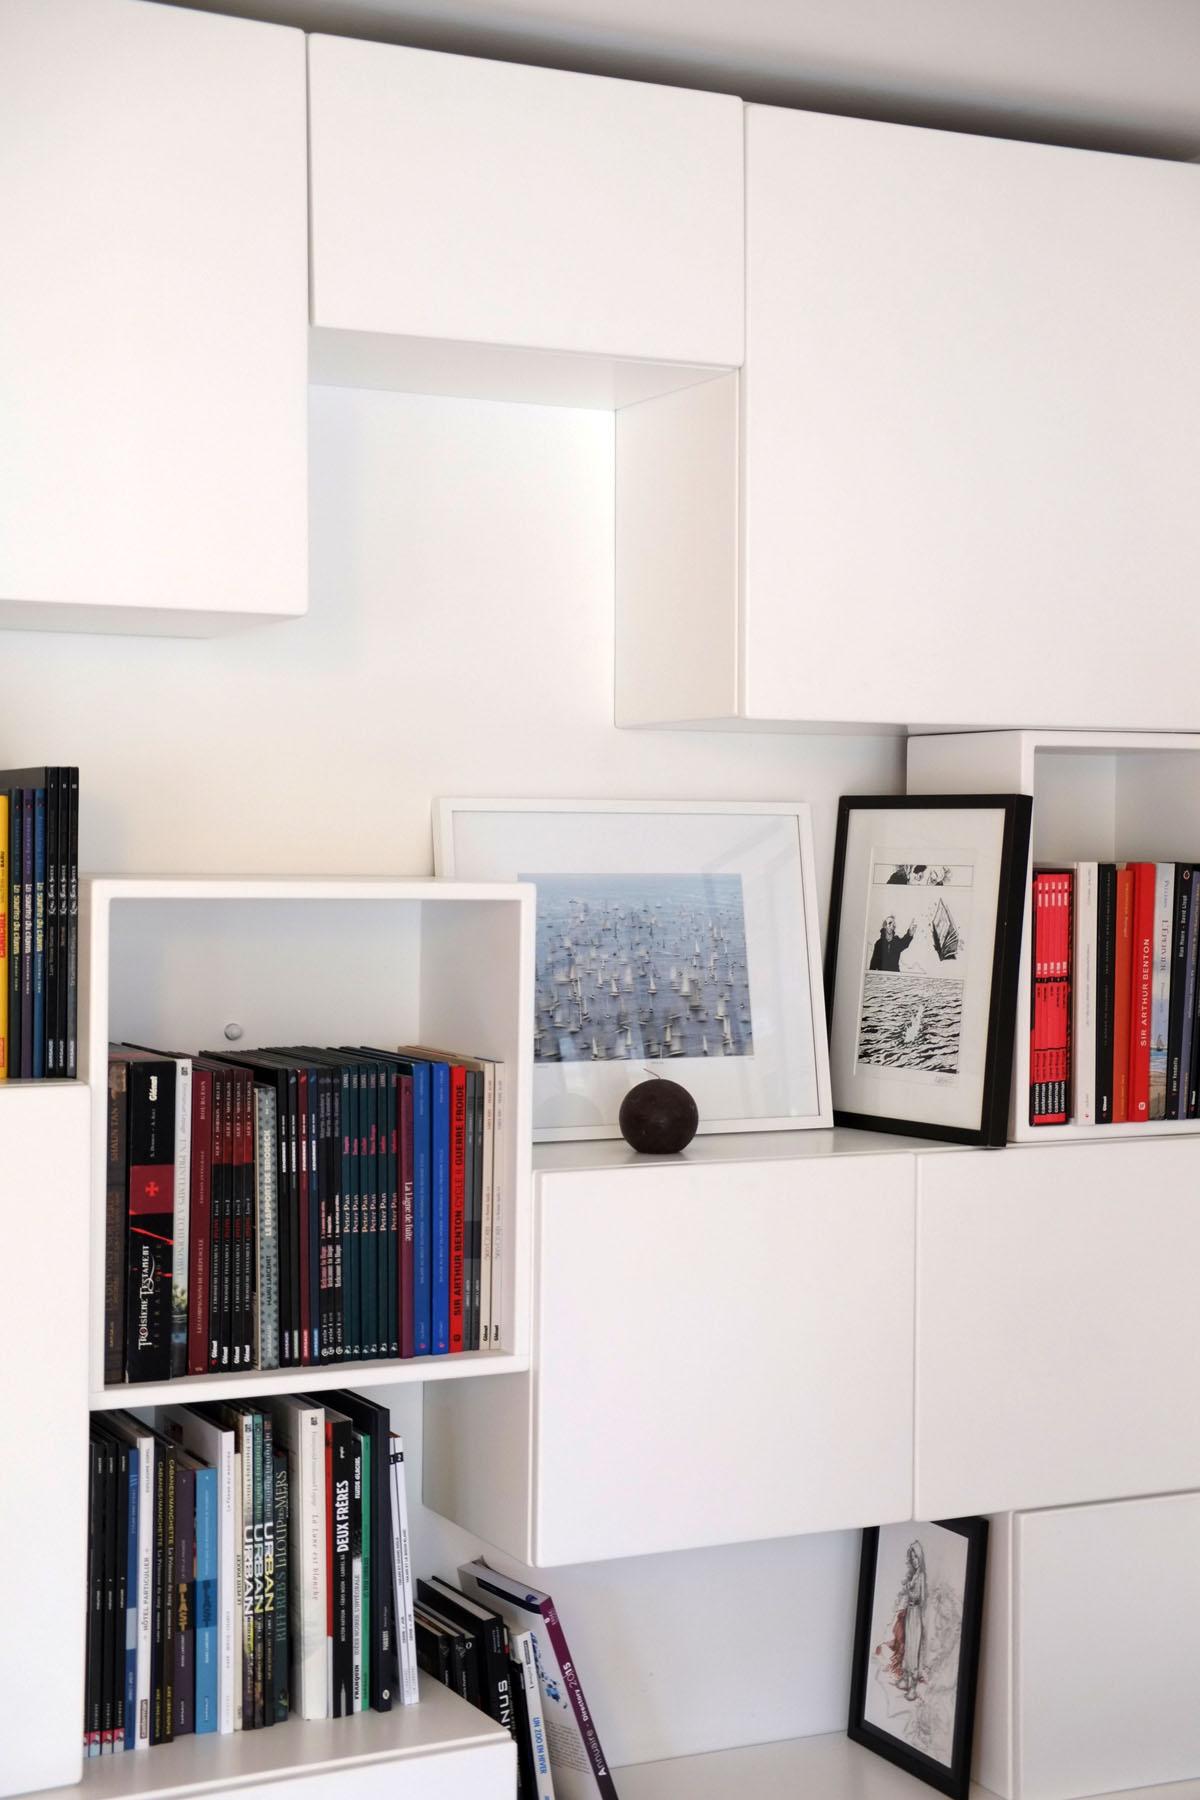 Le placard bd de la sorci re de la rue broca majotik - Bibliotheque design sur mesure ...